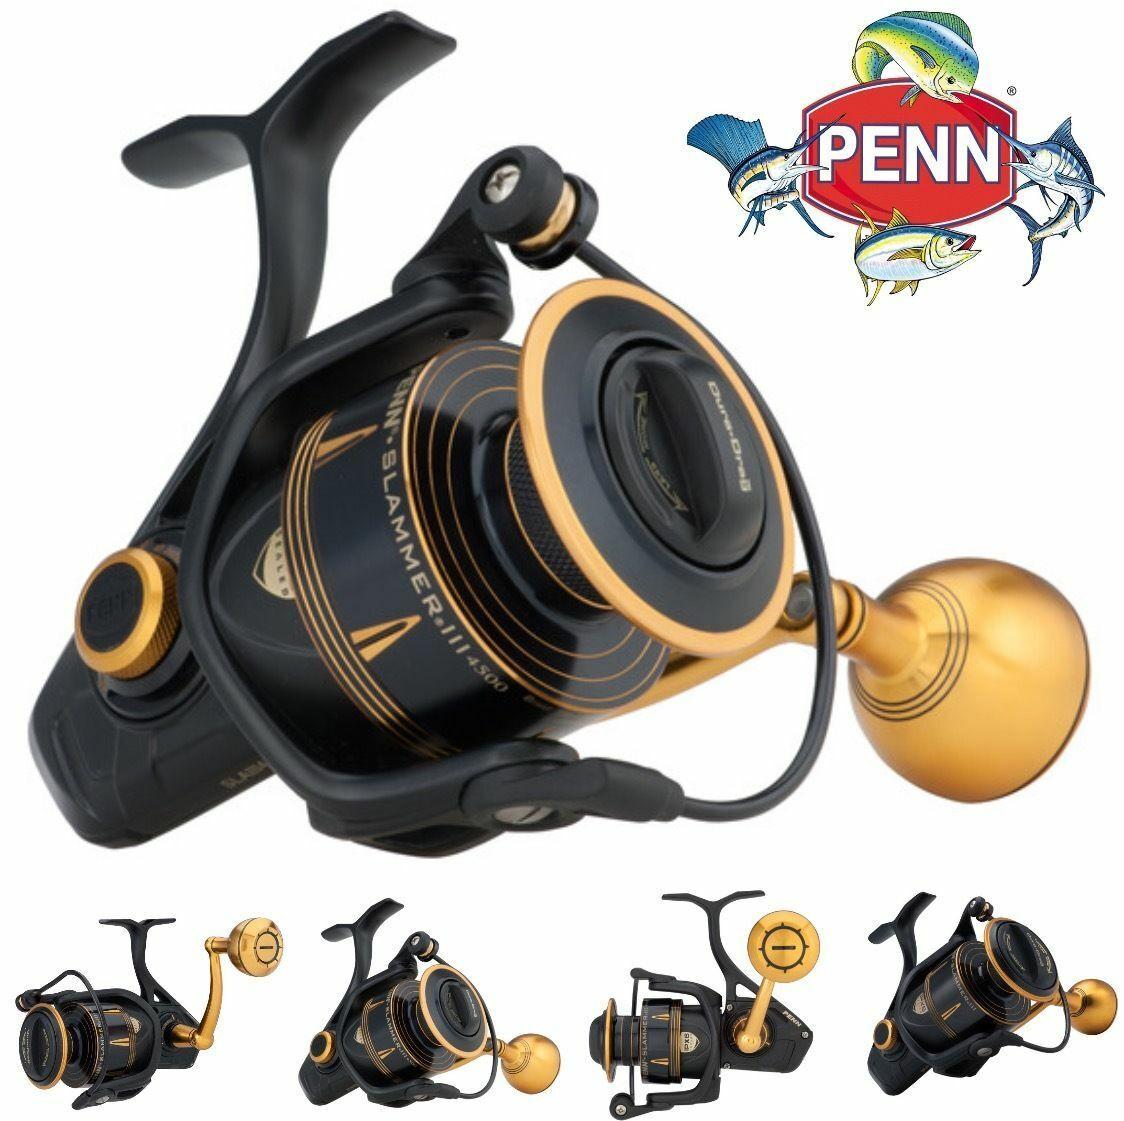 Penn spinning Reel Slammer III